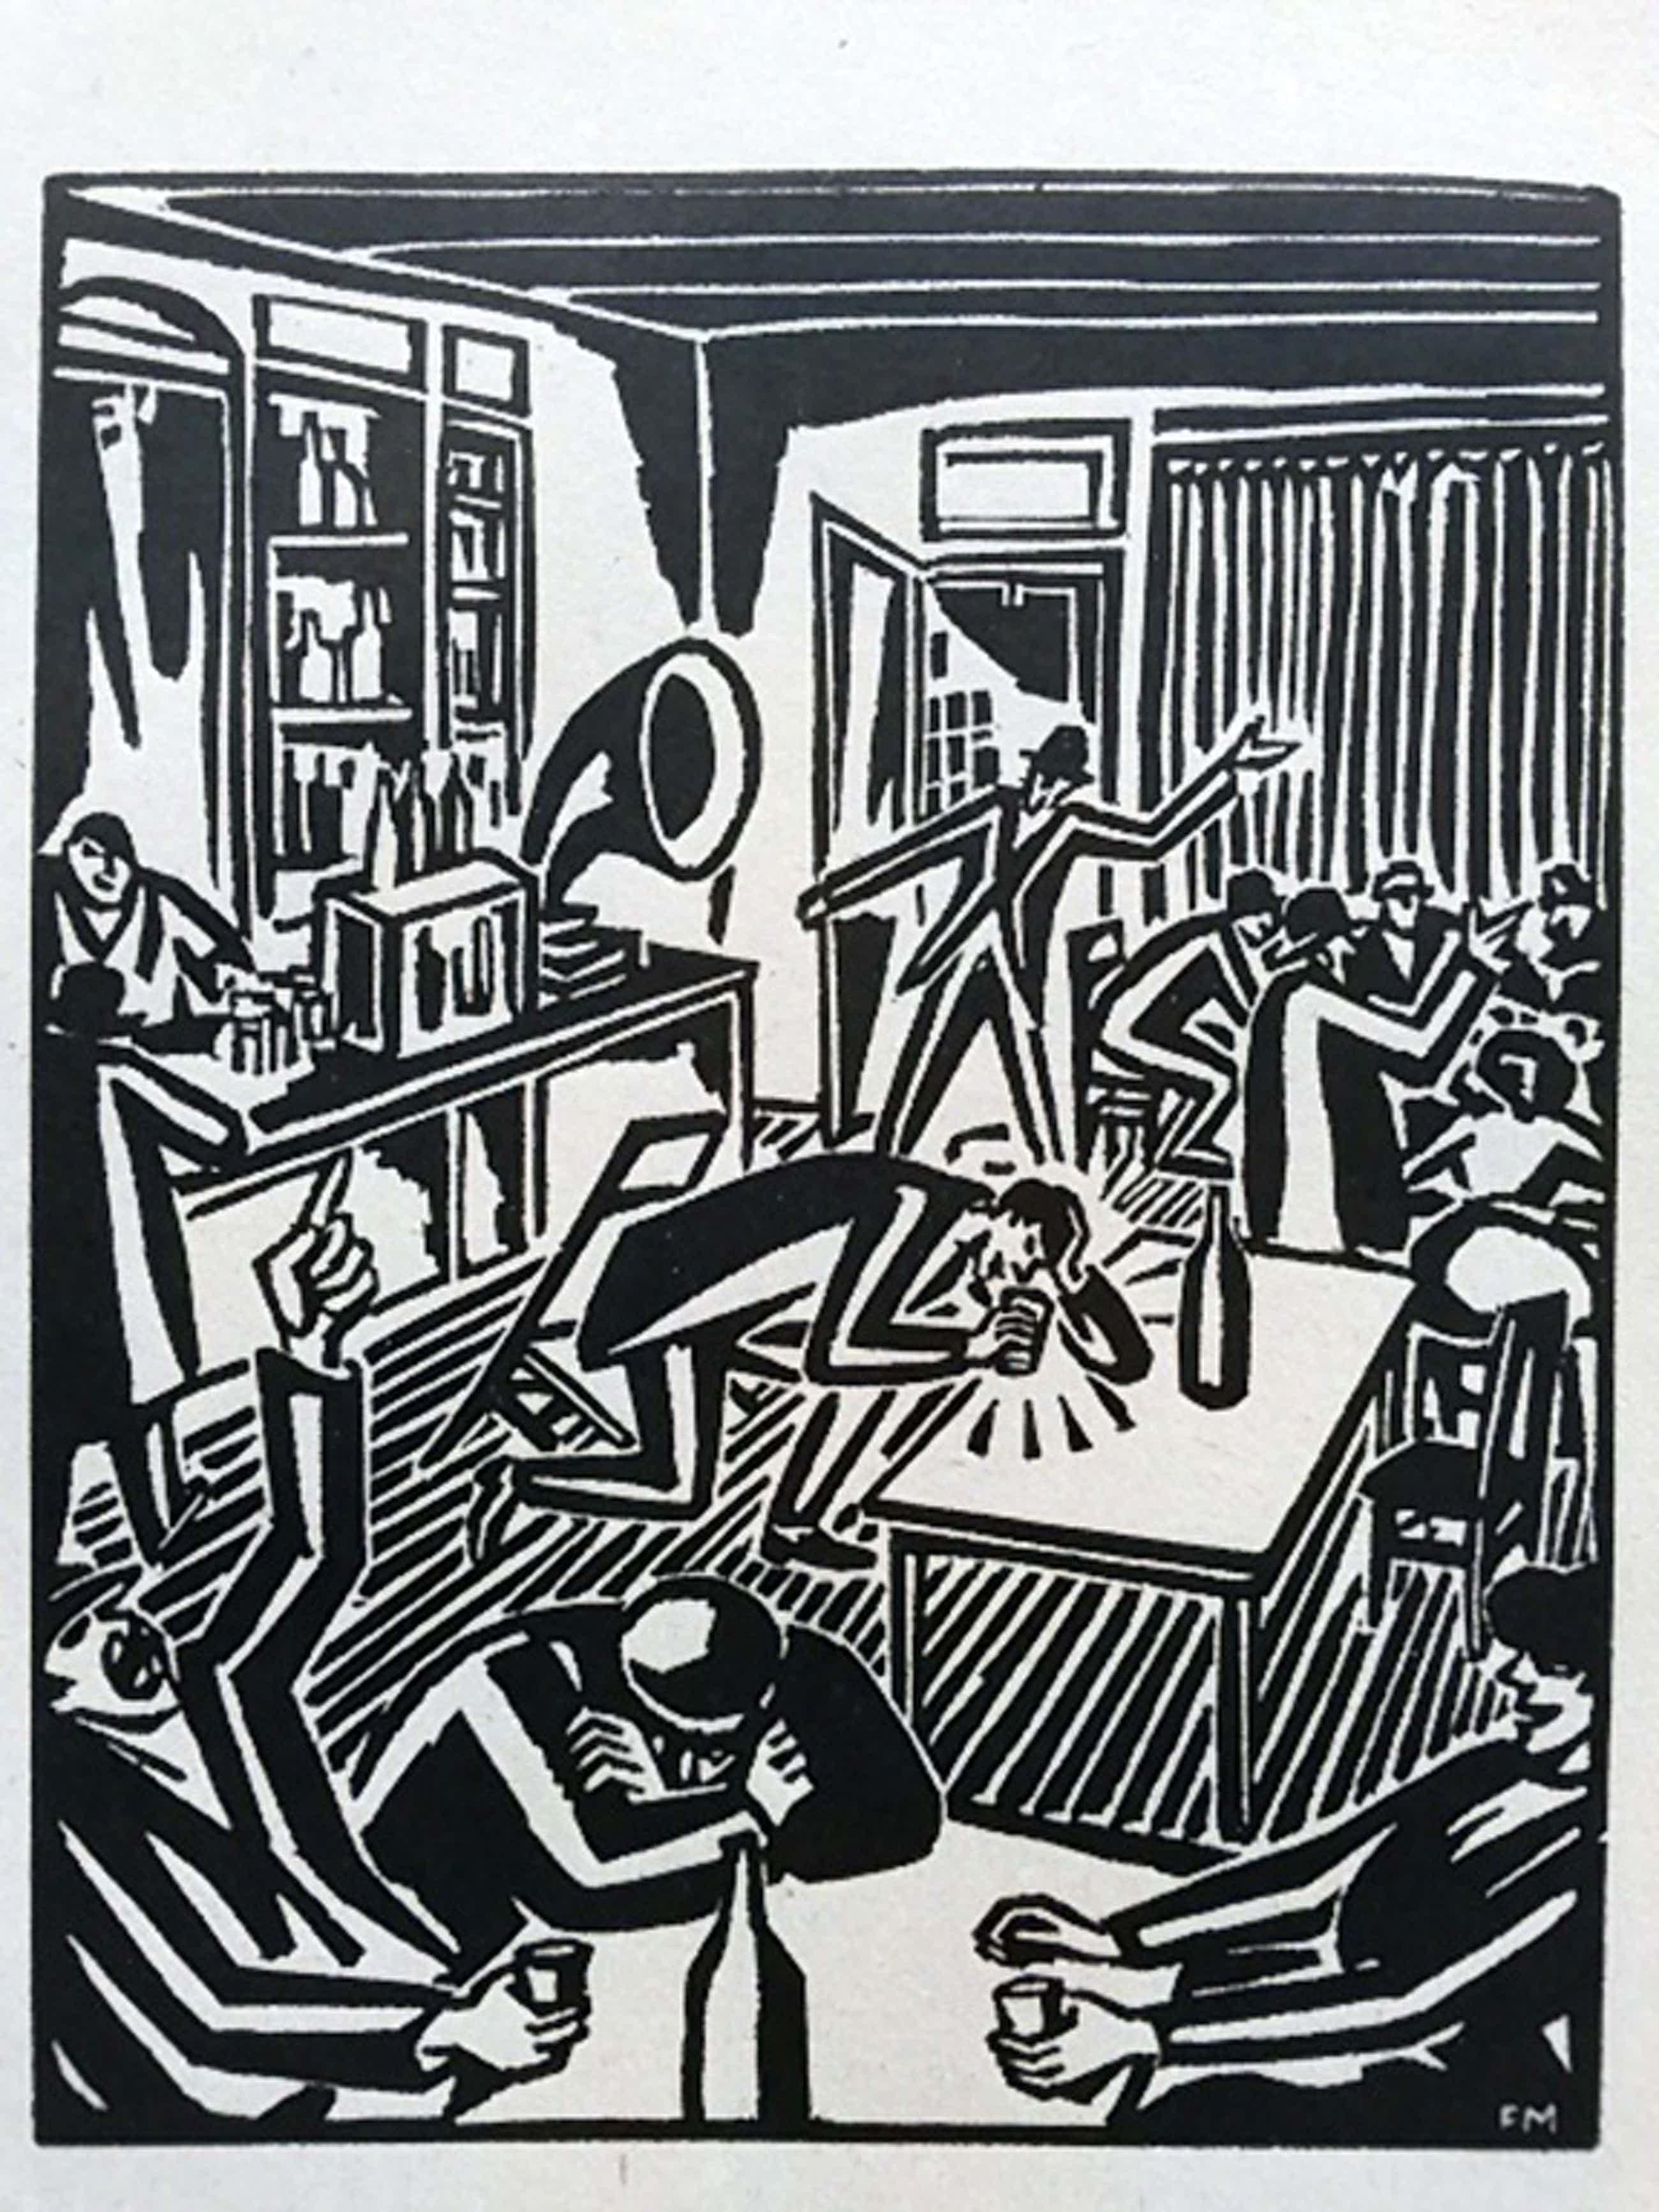 Frans Masereel, houtsnede, uit: Le soleil 1919 (Die Sonne) kopen? Bied vanaf 35!